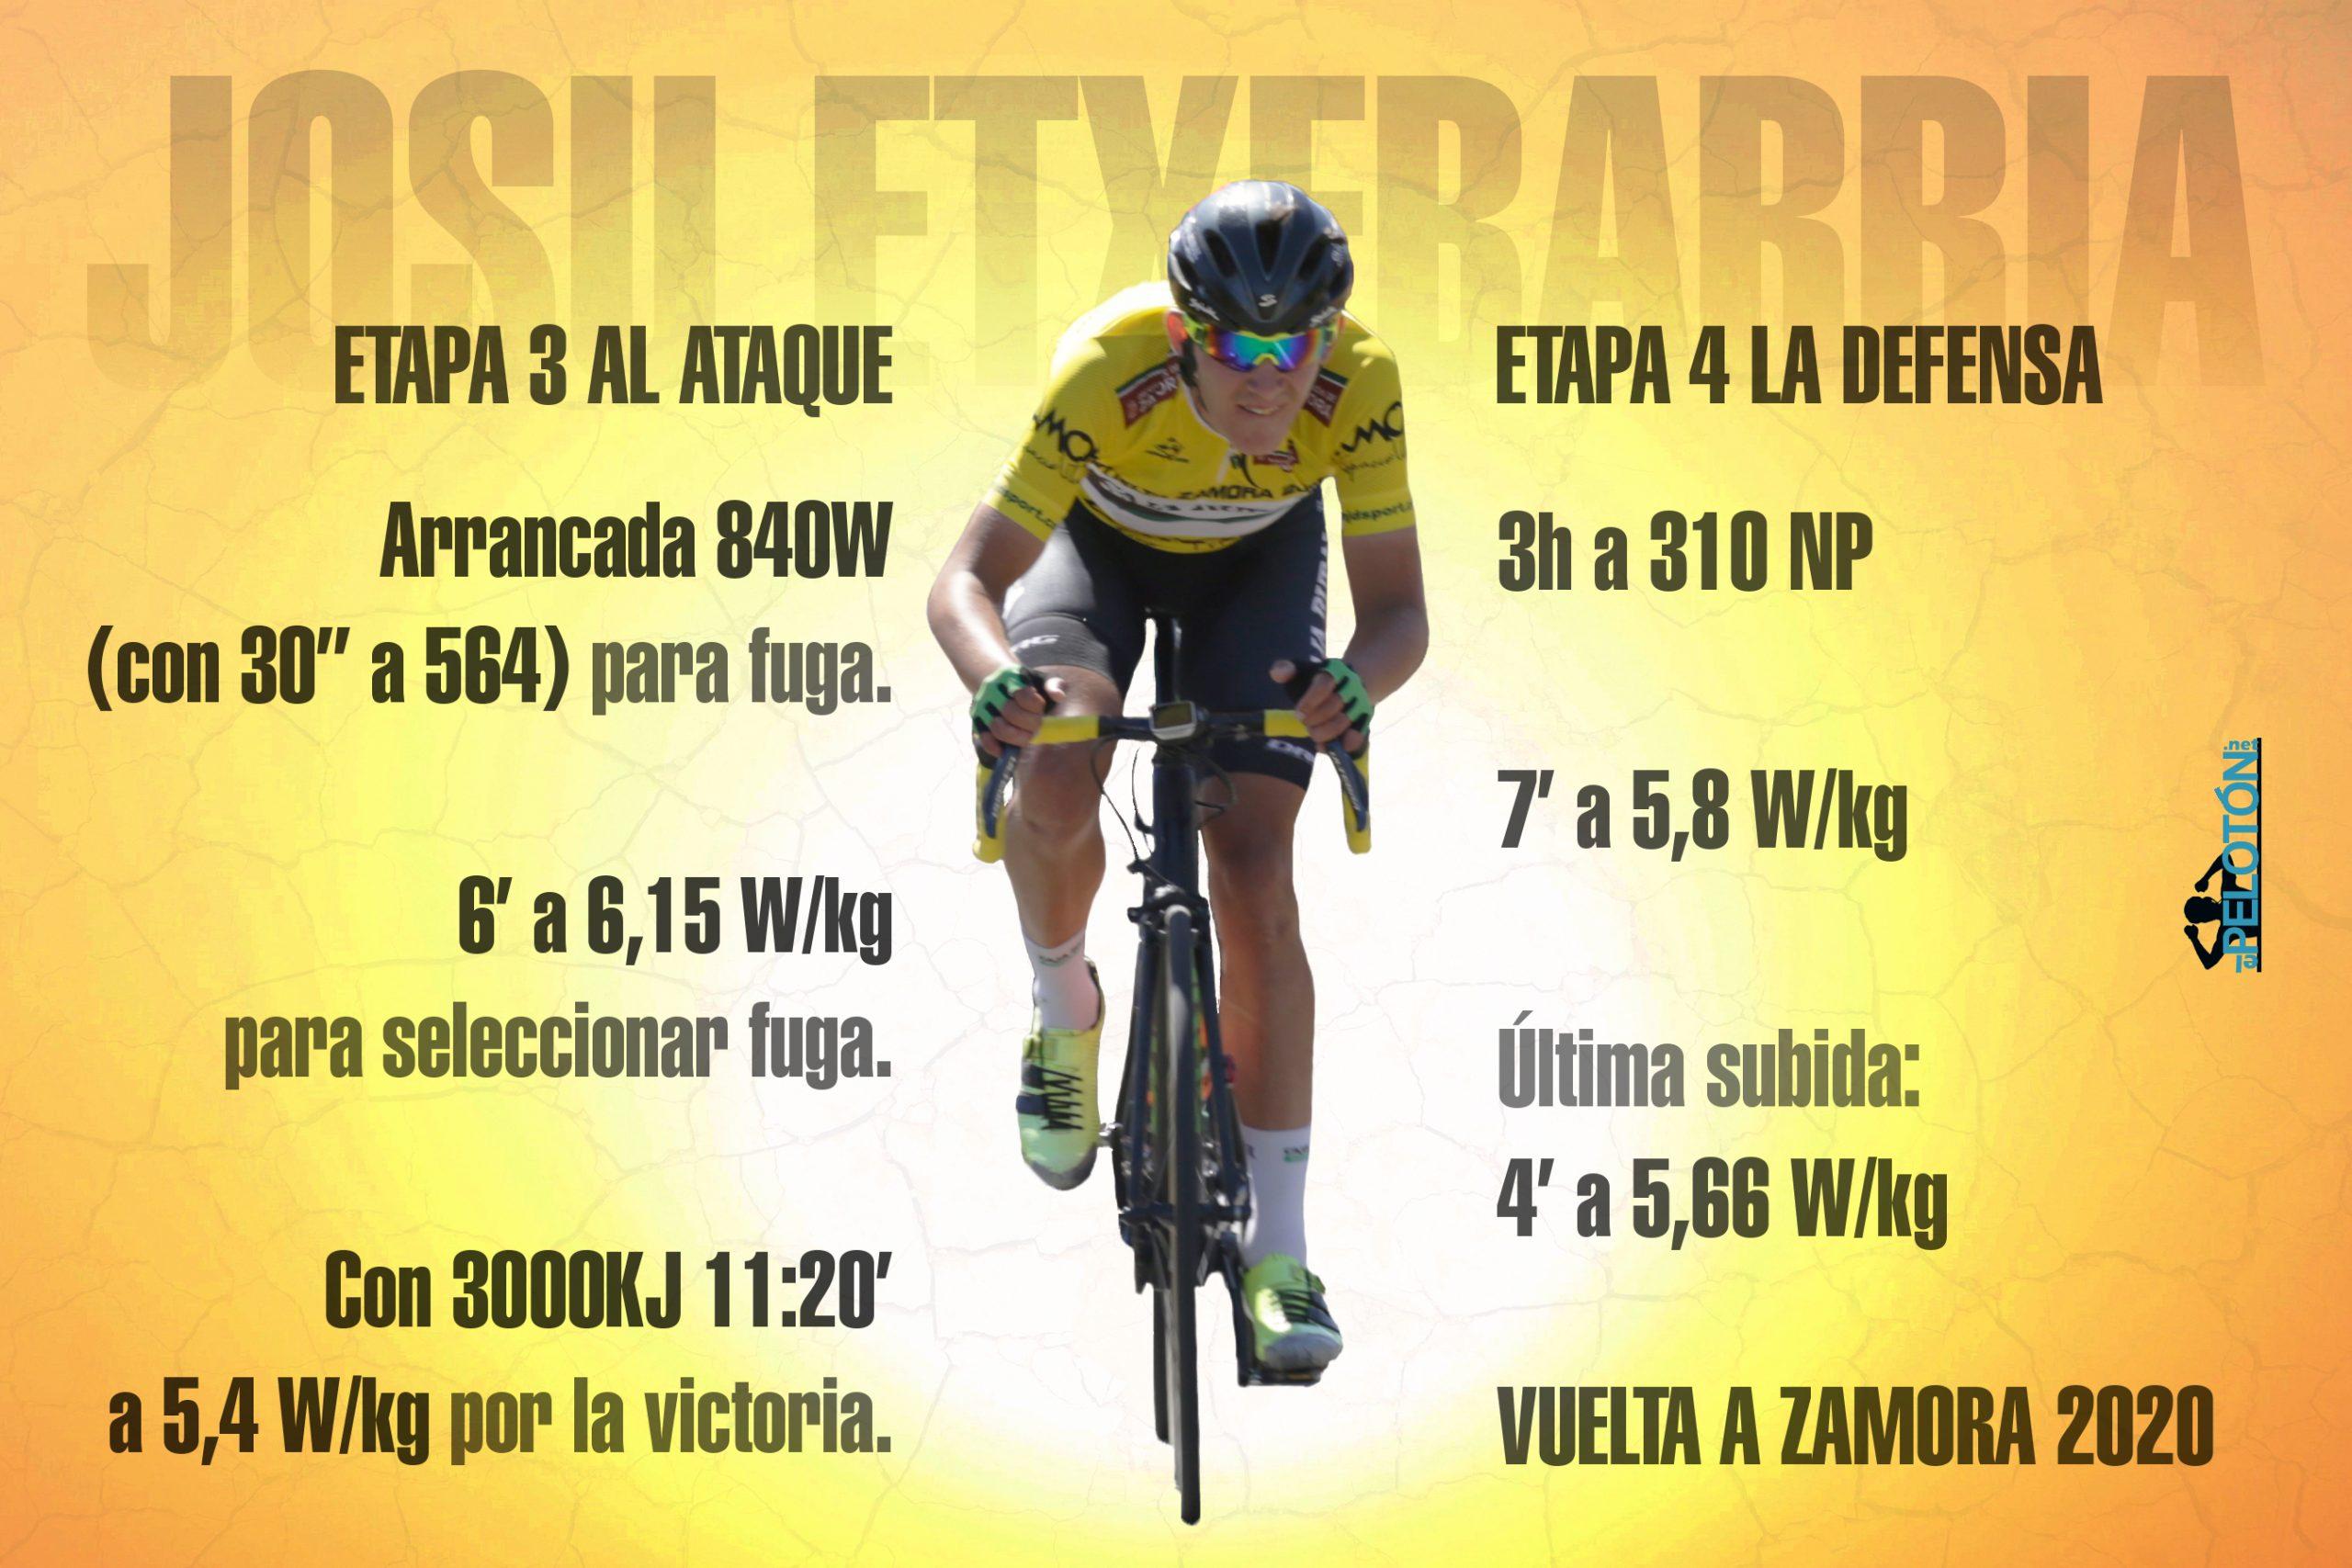 Josu Etxeberria Vuelta a Zamora